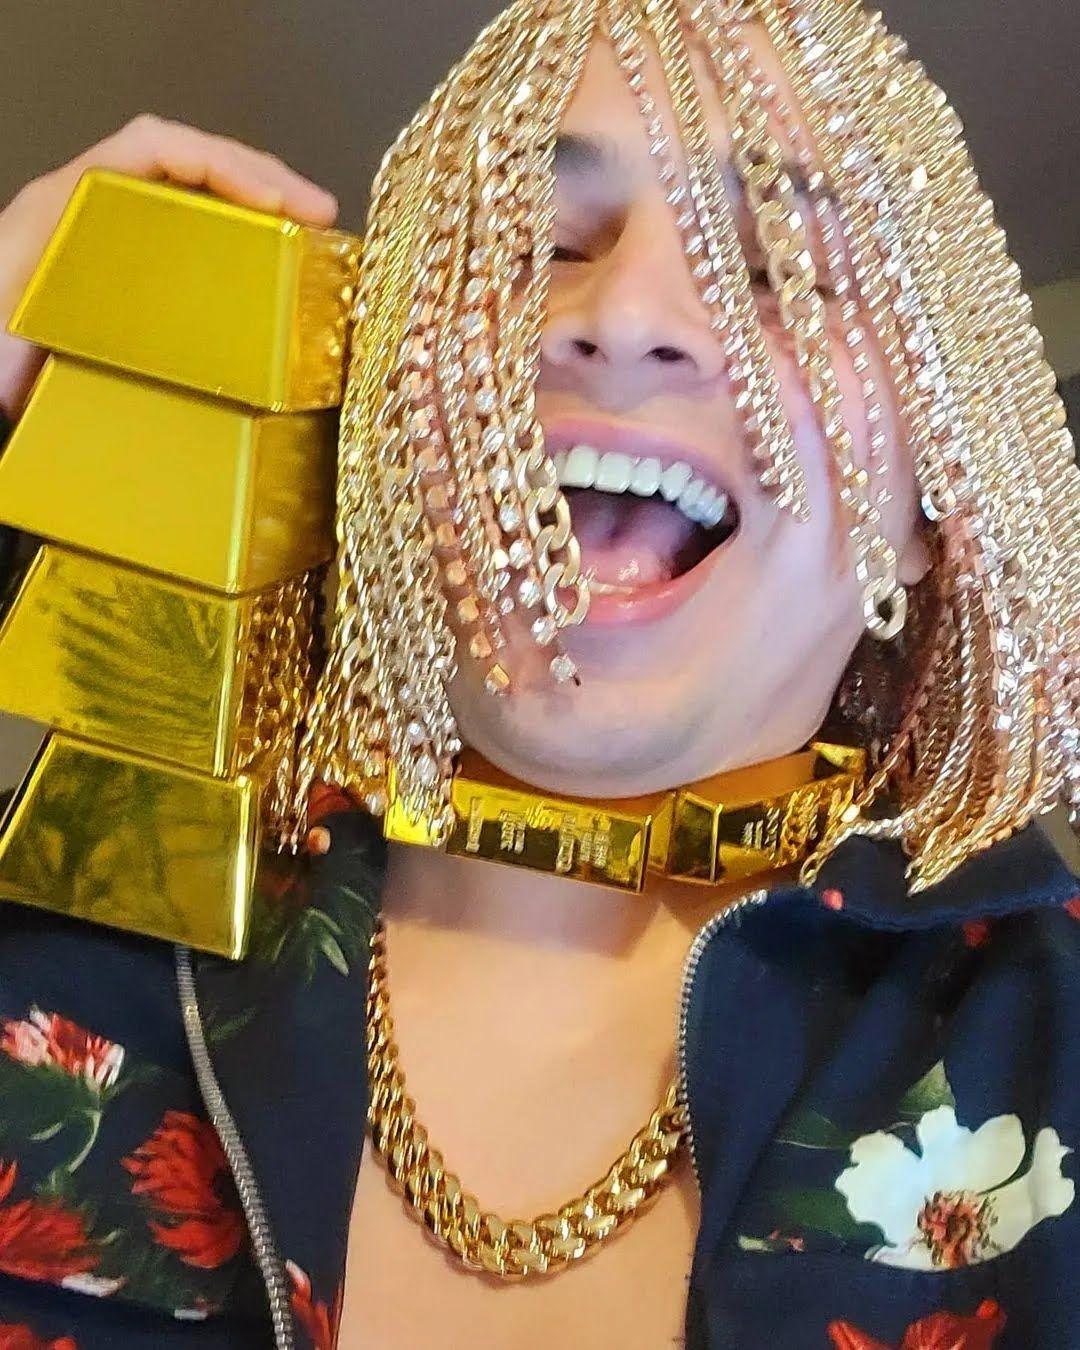 Dan Sur імплантував золоті ланцюги в голову.